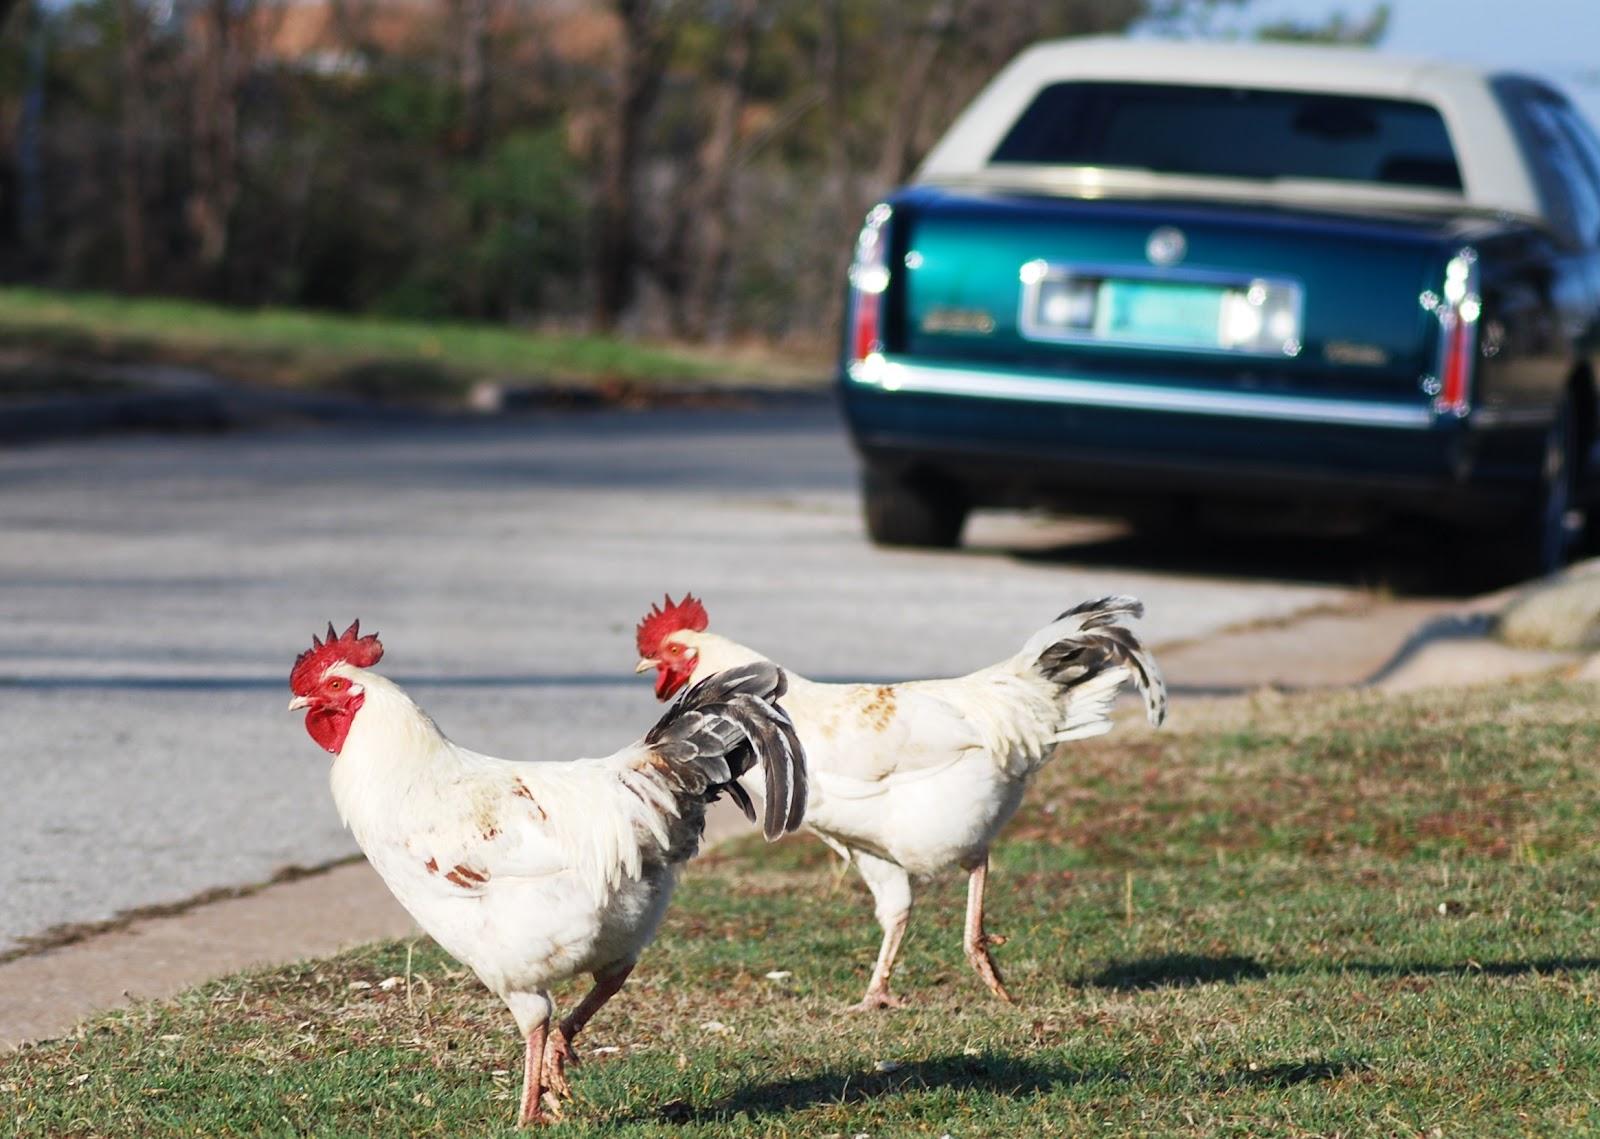 http://2.bp.blogspot.com/-19UTm20KPXg/T0FGkX6I3AI/AAAAAAAAI3Y/rCtzFfAr_ks/s1600/Urban+Chickens.jpg